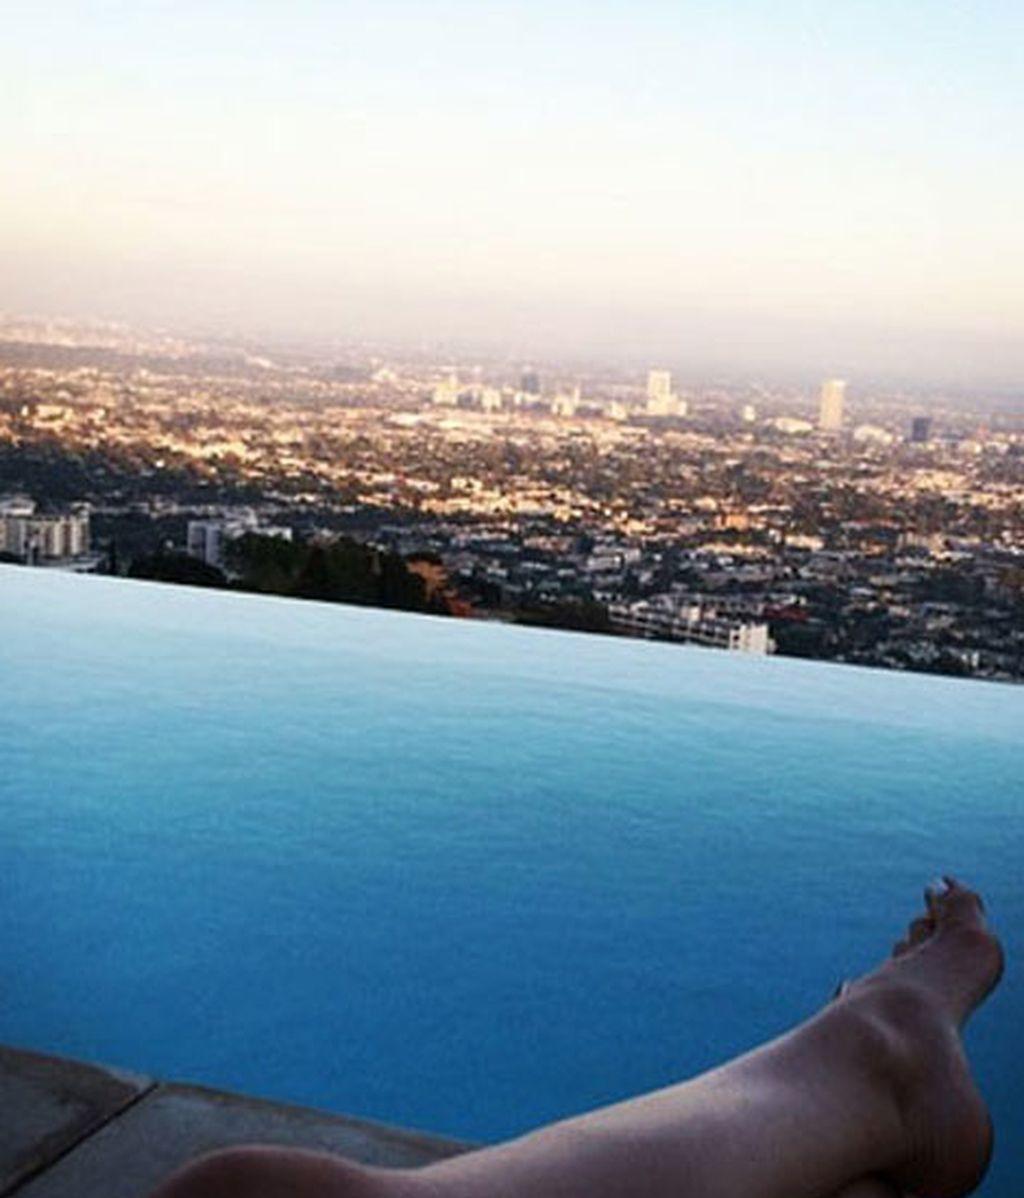 Ana de Armas disfruta de relax y las vistas